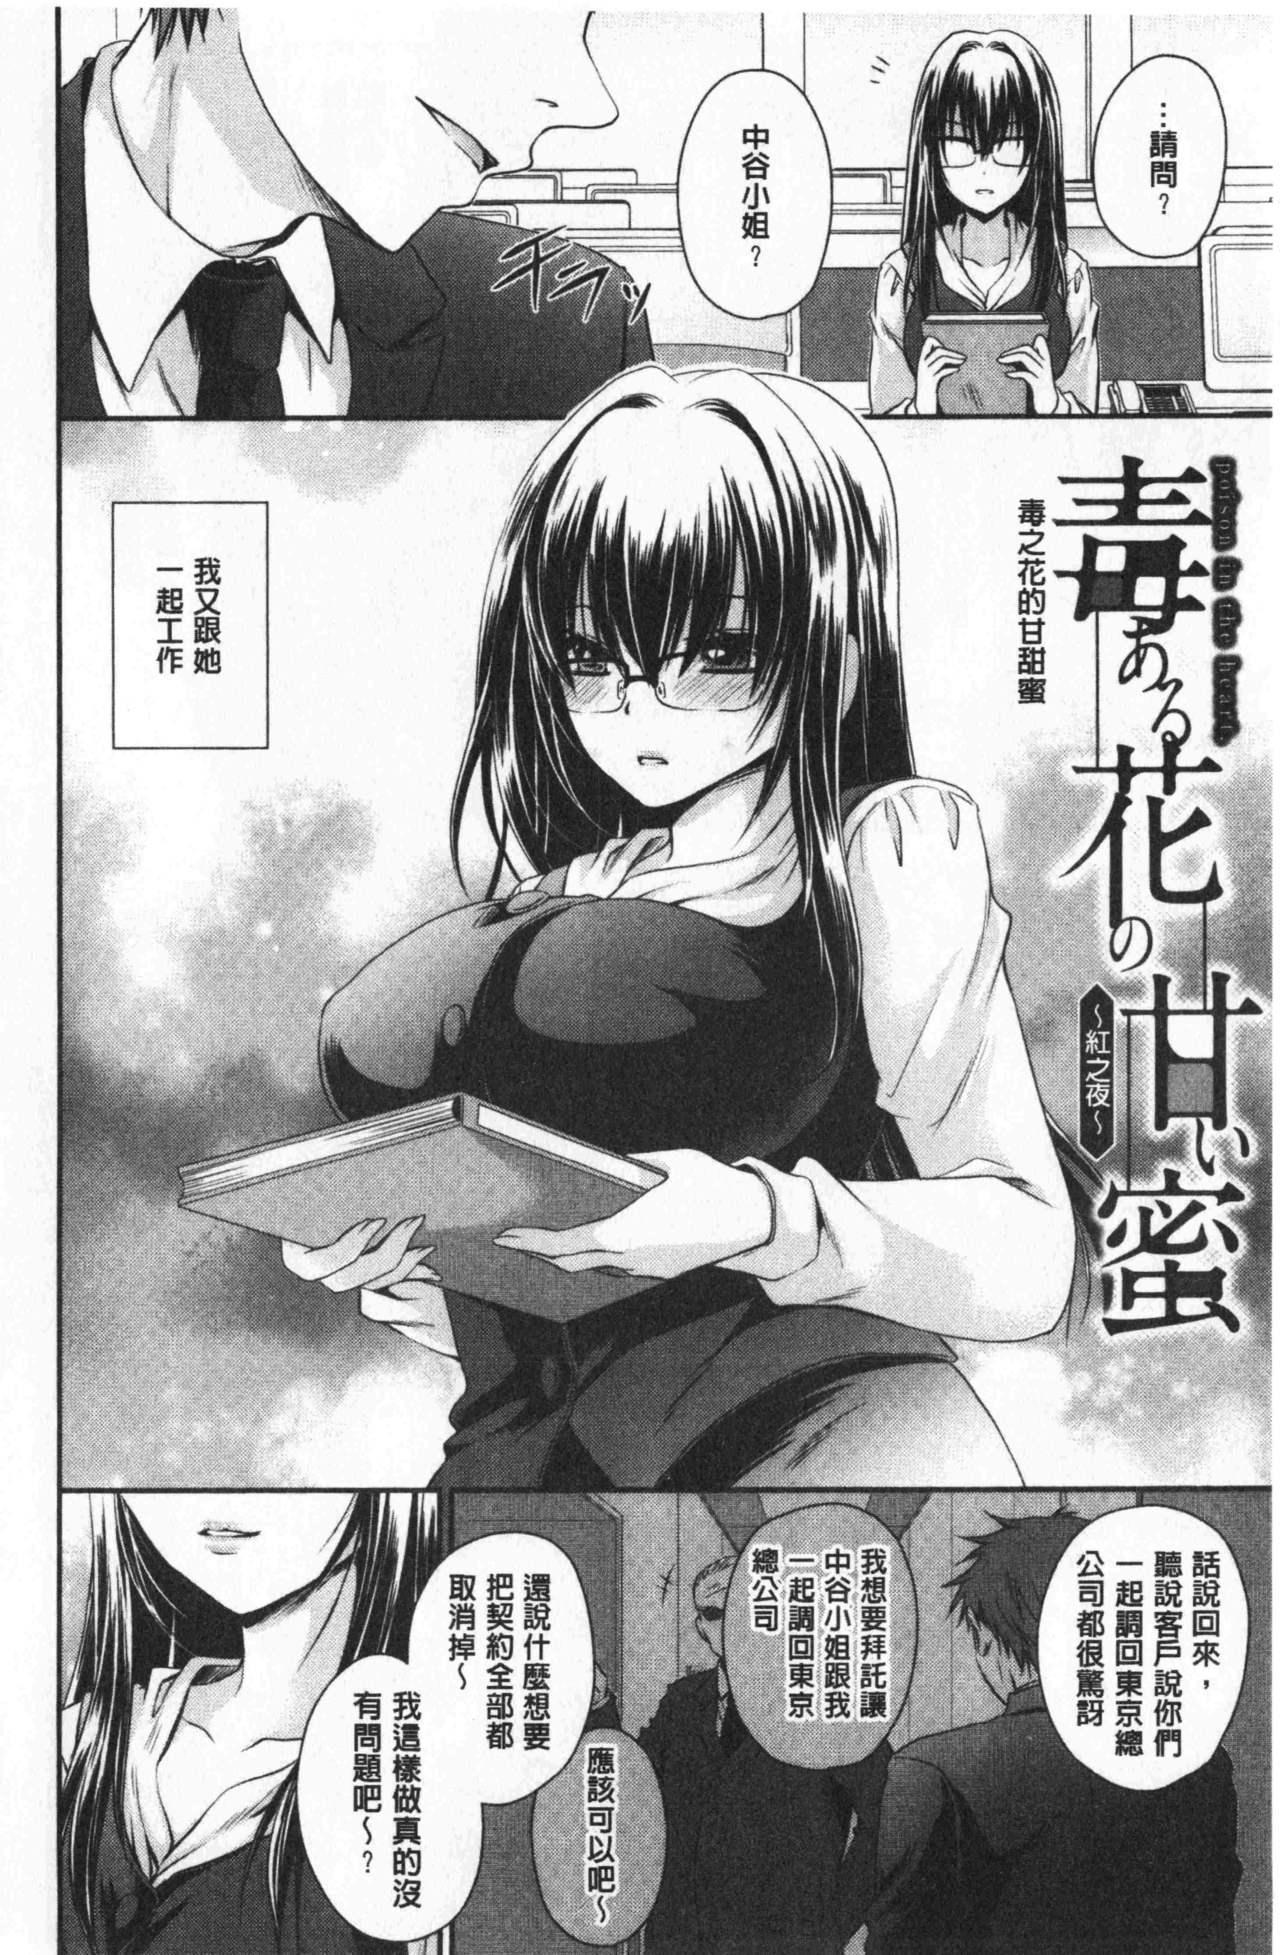 Doku Aru Hana no Amai Mitsu   毒淫花的甘甜蜜 59